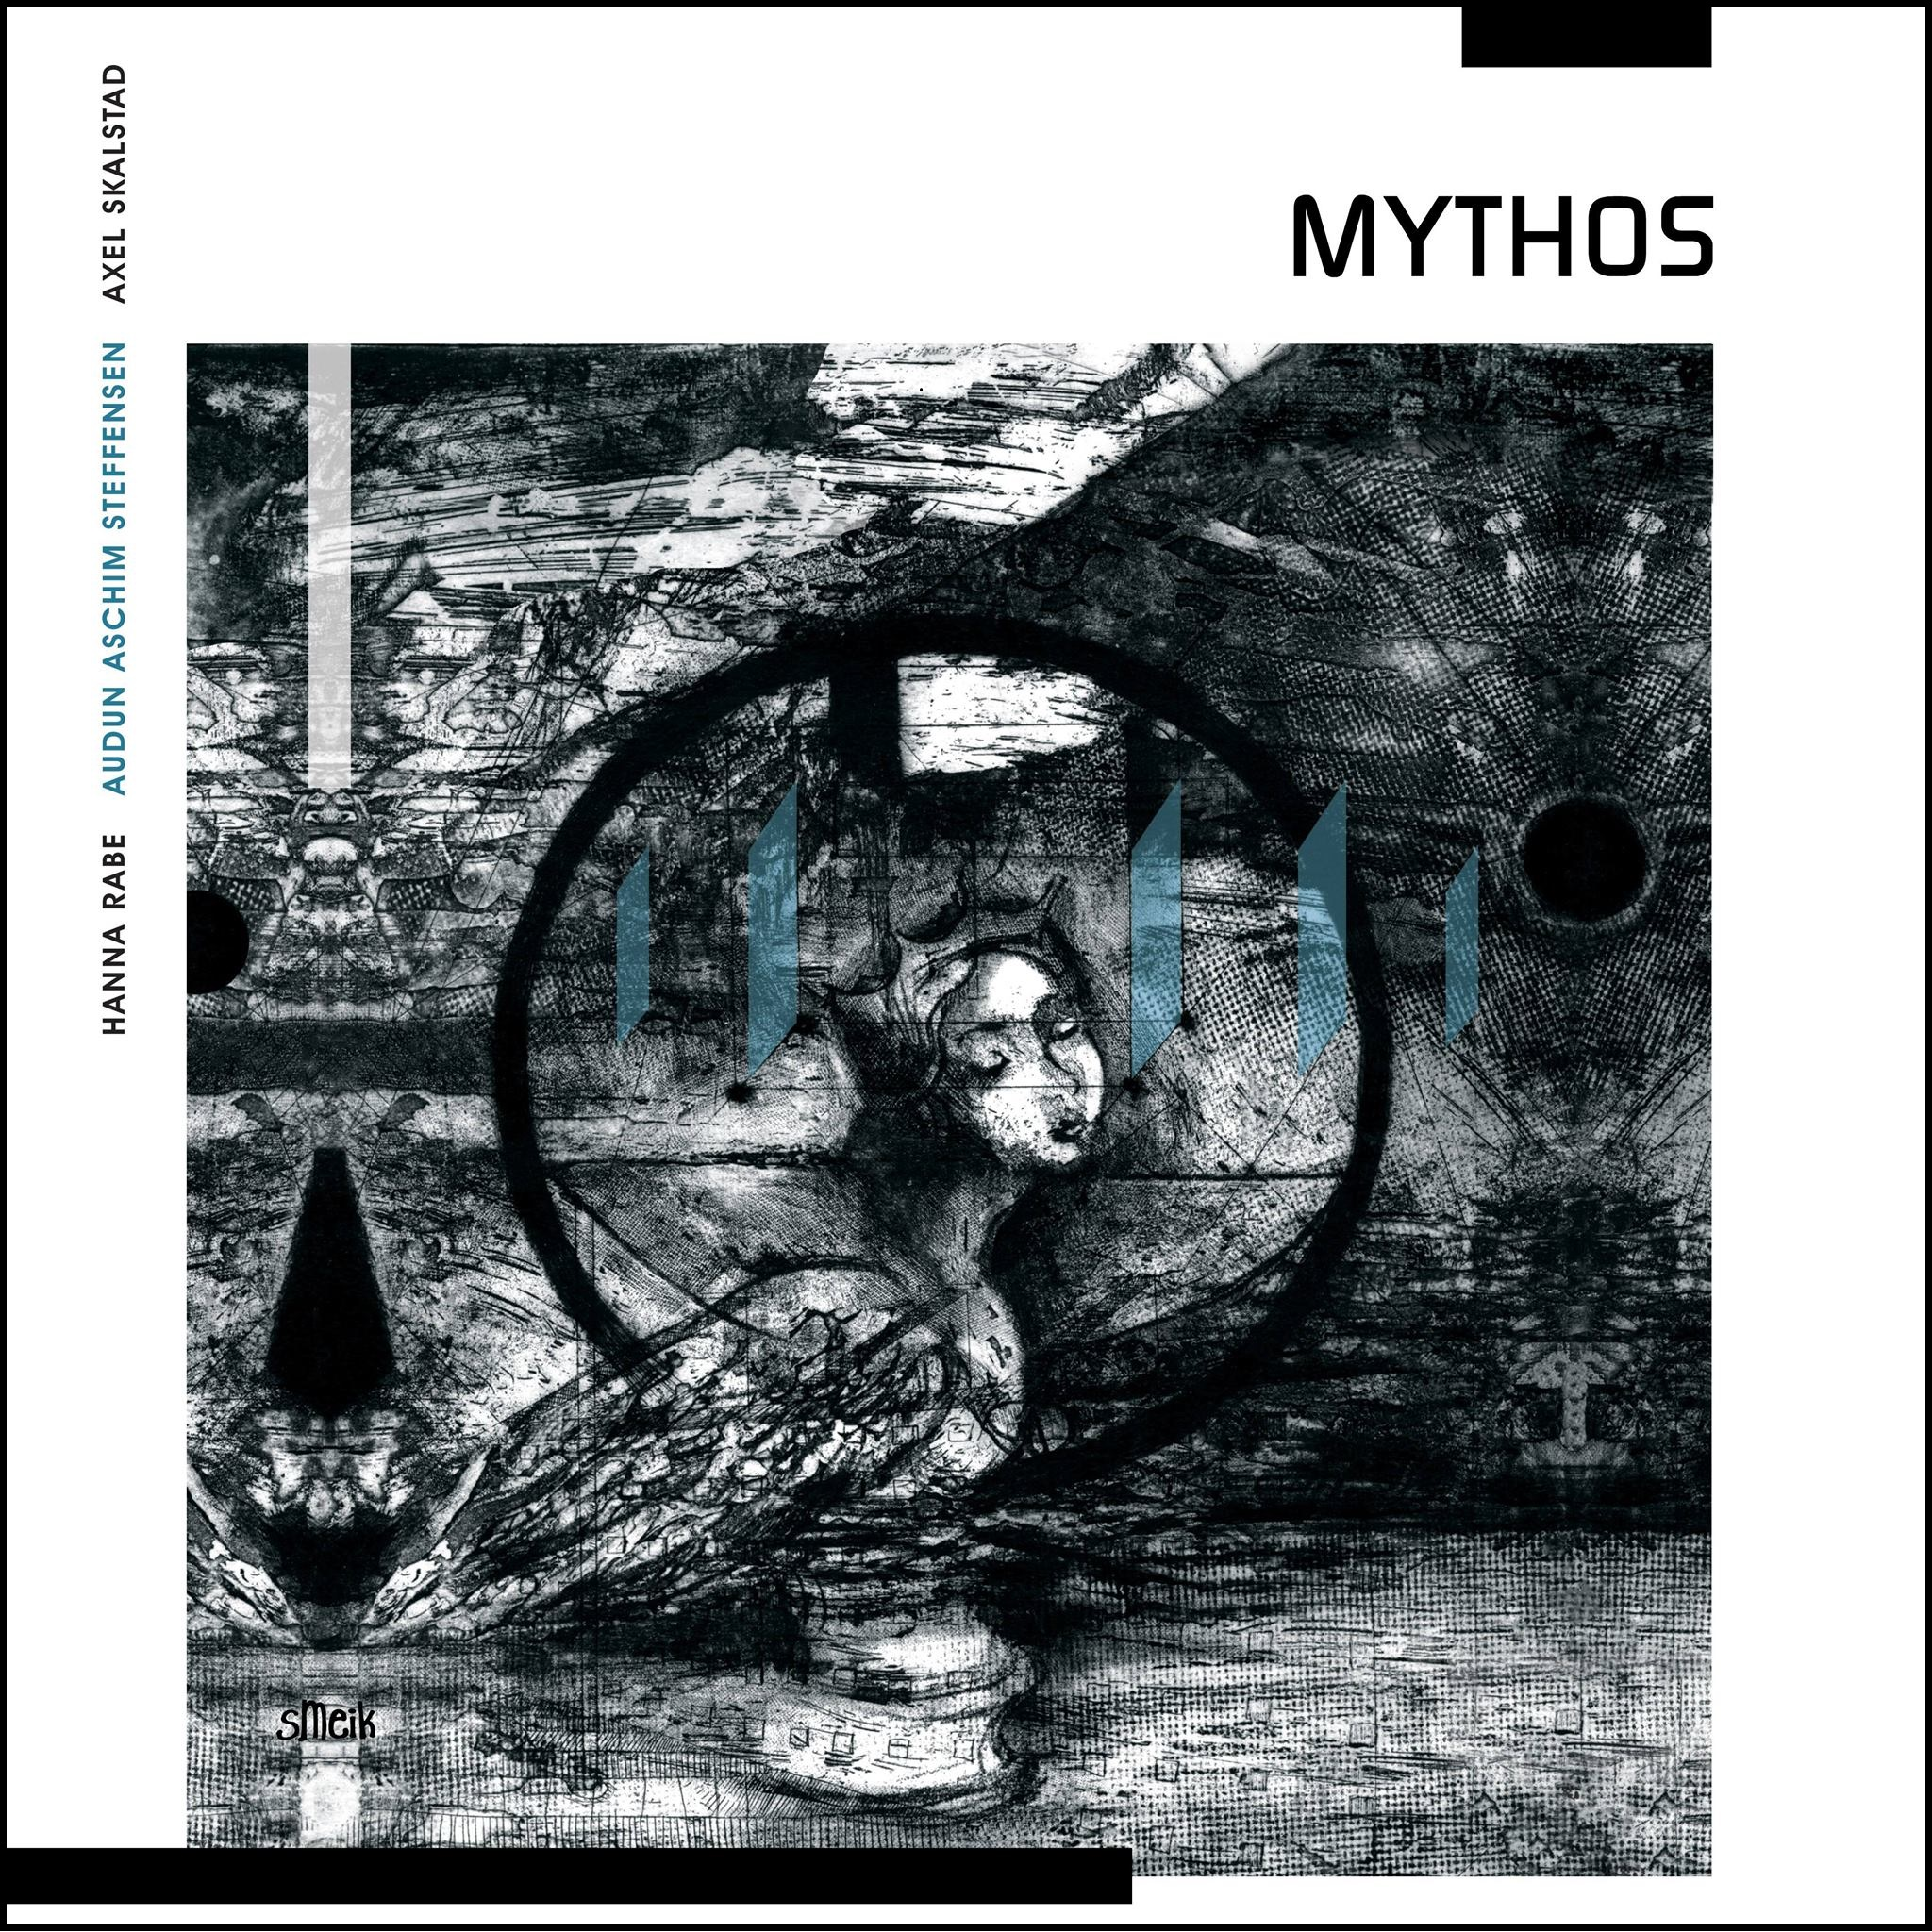 Audun ASchim Steffensen: Mythos -